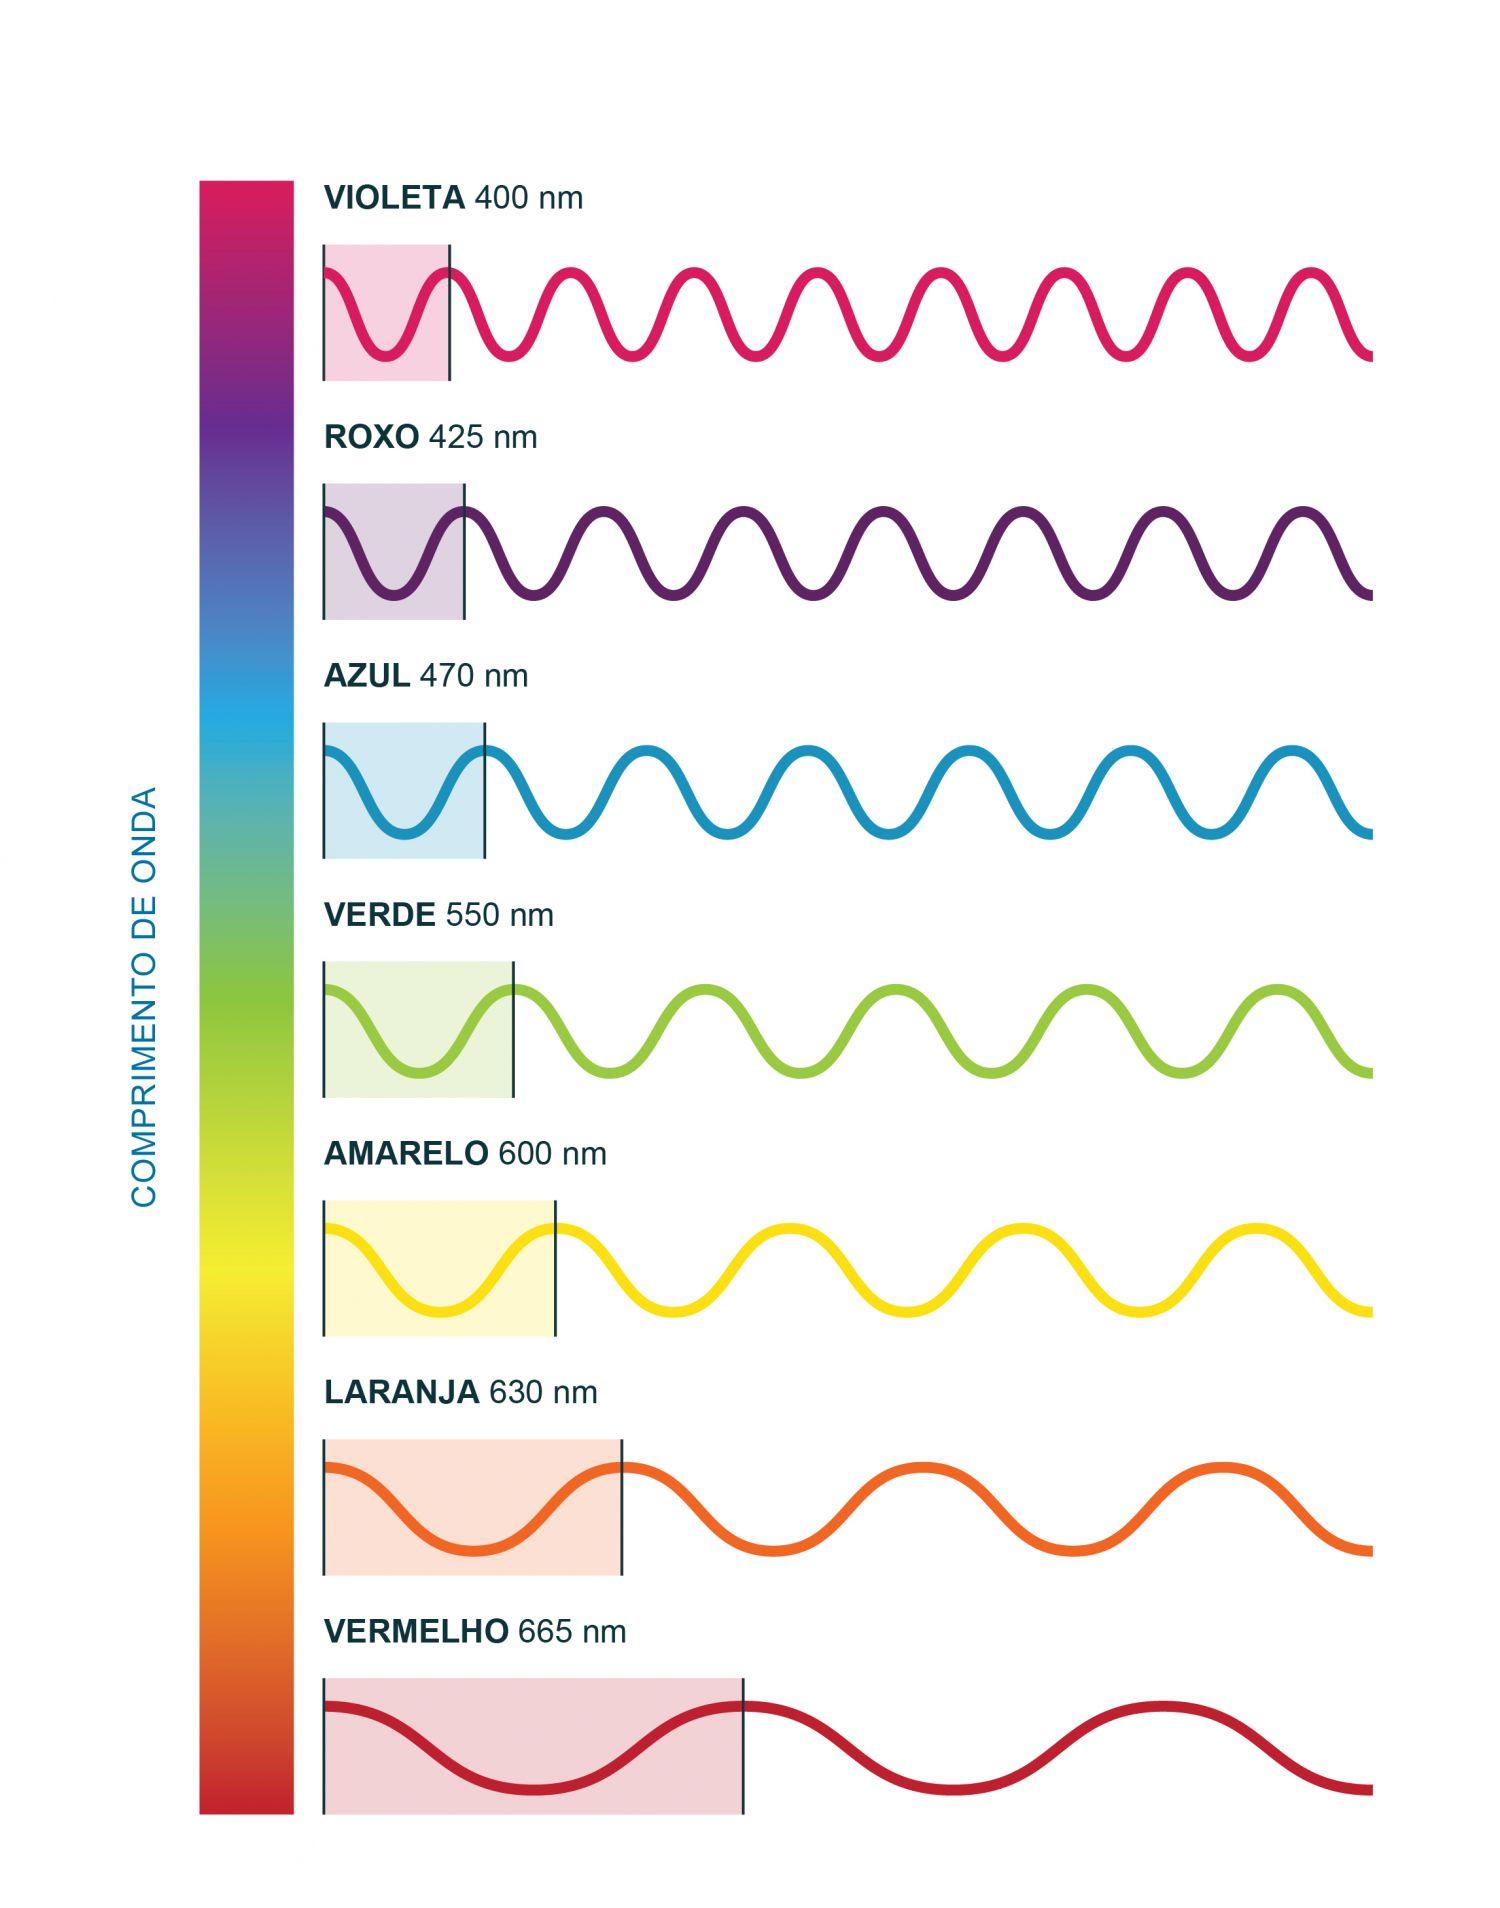 O espectro no visível: o comprimento de onda de cada cor em nm. Existem duas formas de interação da radiação eletromagnética com os constituintes do oceano: por absorção ou por difusão. O comprimento de onda da radiação absorvida ou difundida é que irá determinar a cor do mar. O espectro da luz no visível tem comprimentos de onda que vão desde os mais curtos e mais energéticos, nos violetas e azuis, até aos vermelhos, mais longos e menos energéticos. A utilização deste ficheiro é regulada nos termos da licença Creative Commons Attribution 4.0 (CC BY-NC-ND 4.0, https://creativecommons.org/licenses/by-nc-nd/4.0/)